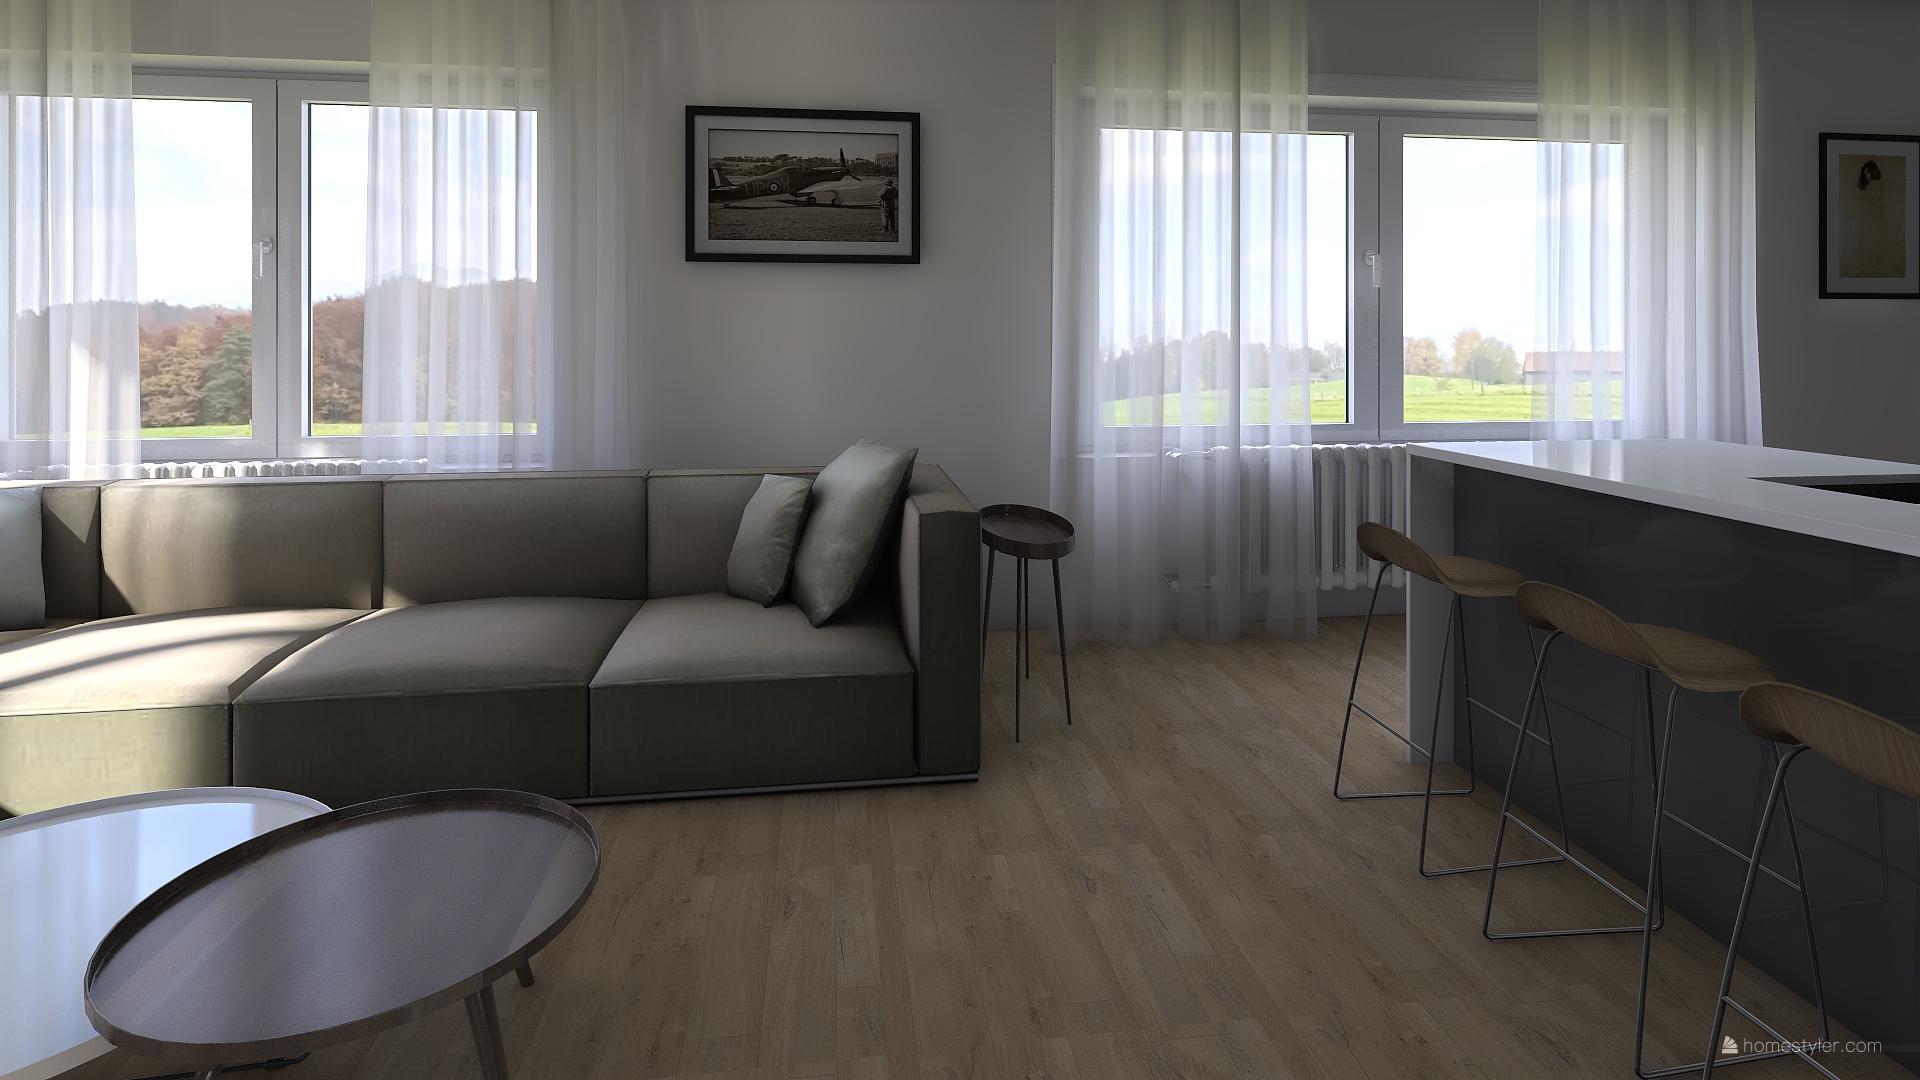 Vizualizace obýváku s kuchyní pro @iuanecka - Obrázek č. 4